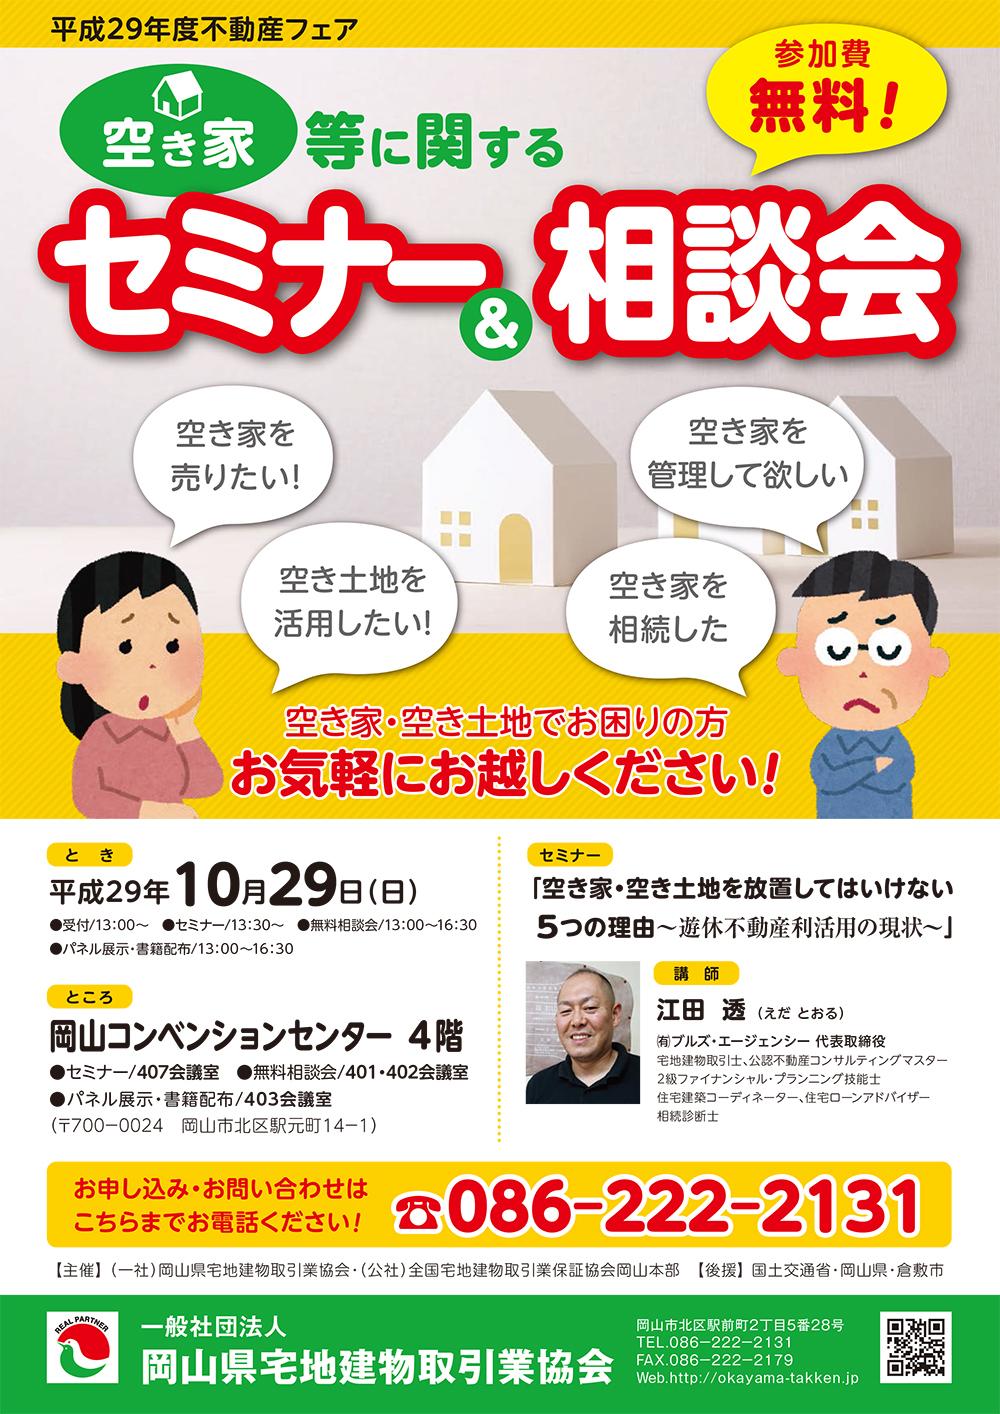 10月29日 セミナー&相談会 チラシ-1